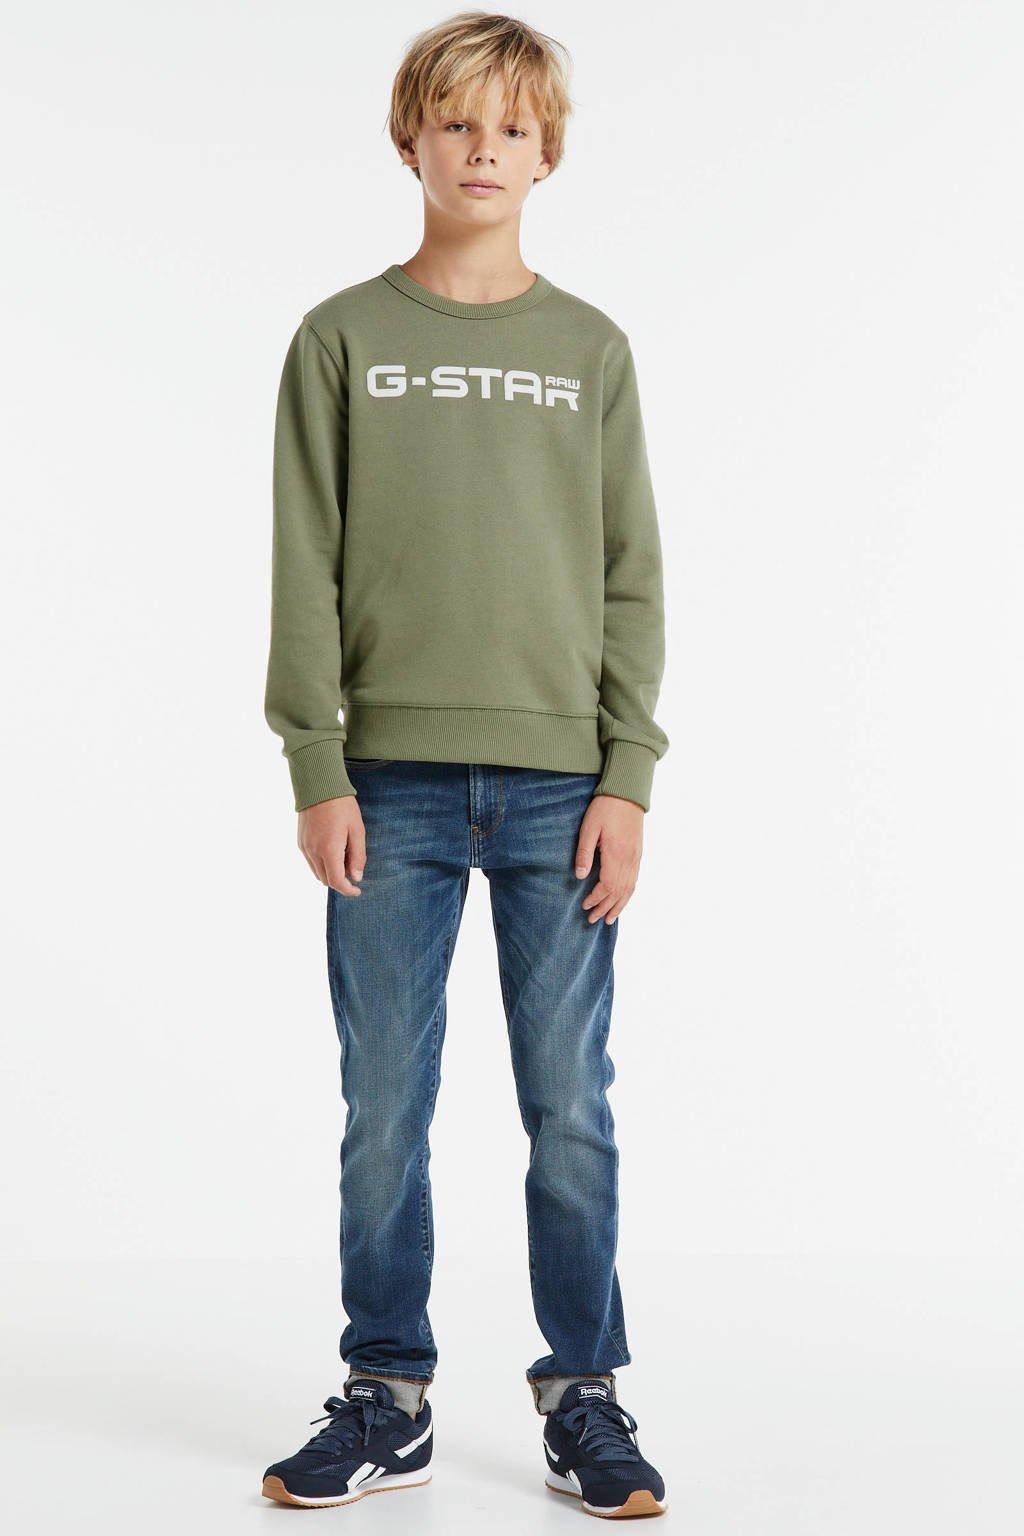 G-Star RAW sweater Hodin met logo kaki groen, Kaki groen